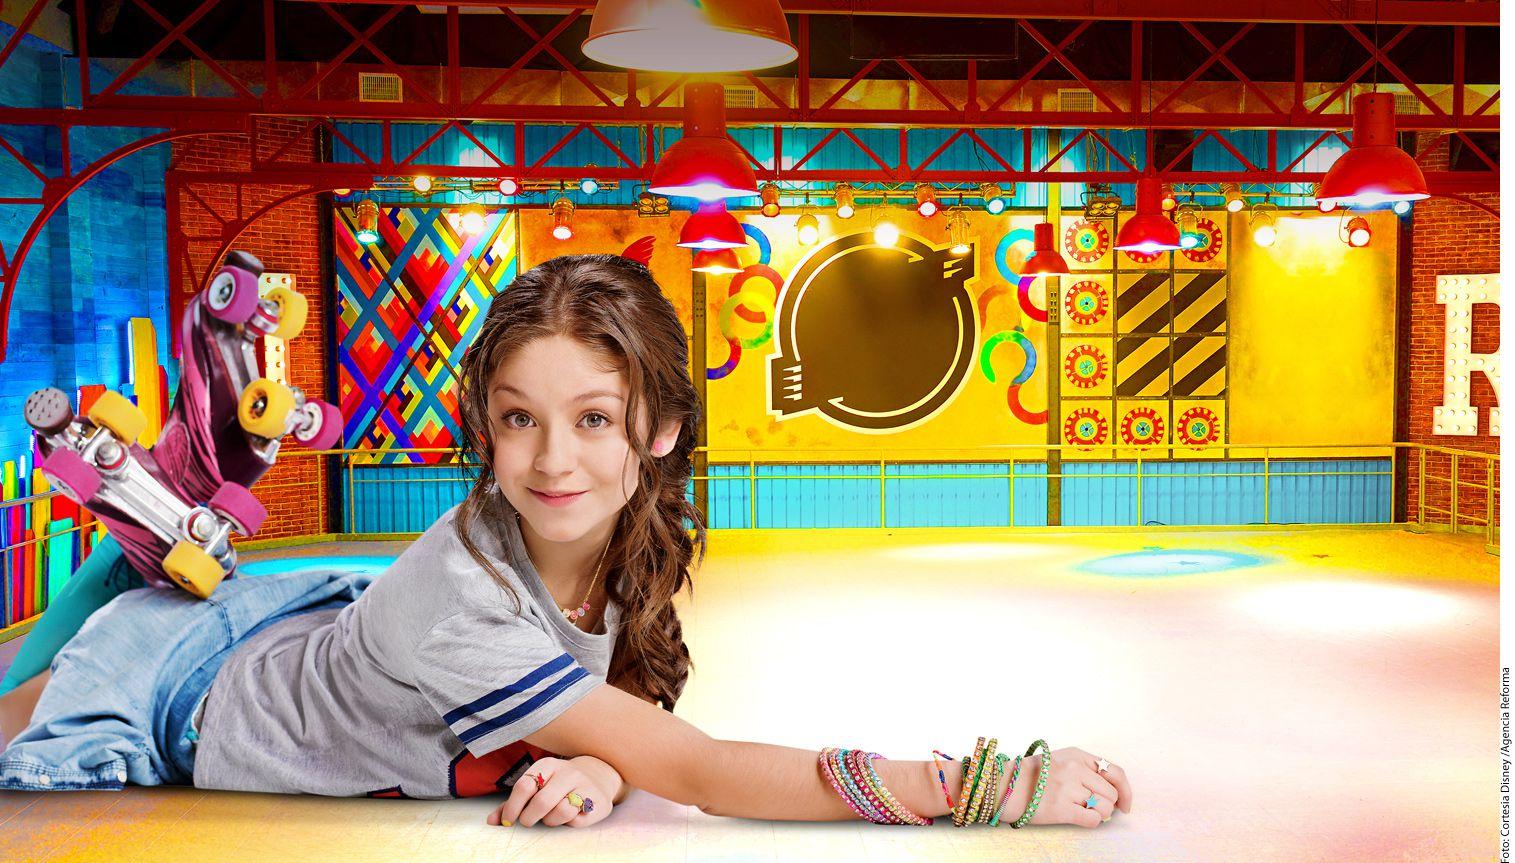 Karol Sevilla es la protagonista de Soy Luna, la segunda serie que Disney ha producido en Latinoamérica, después de Violetta./AGENCIA REFORMA